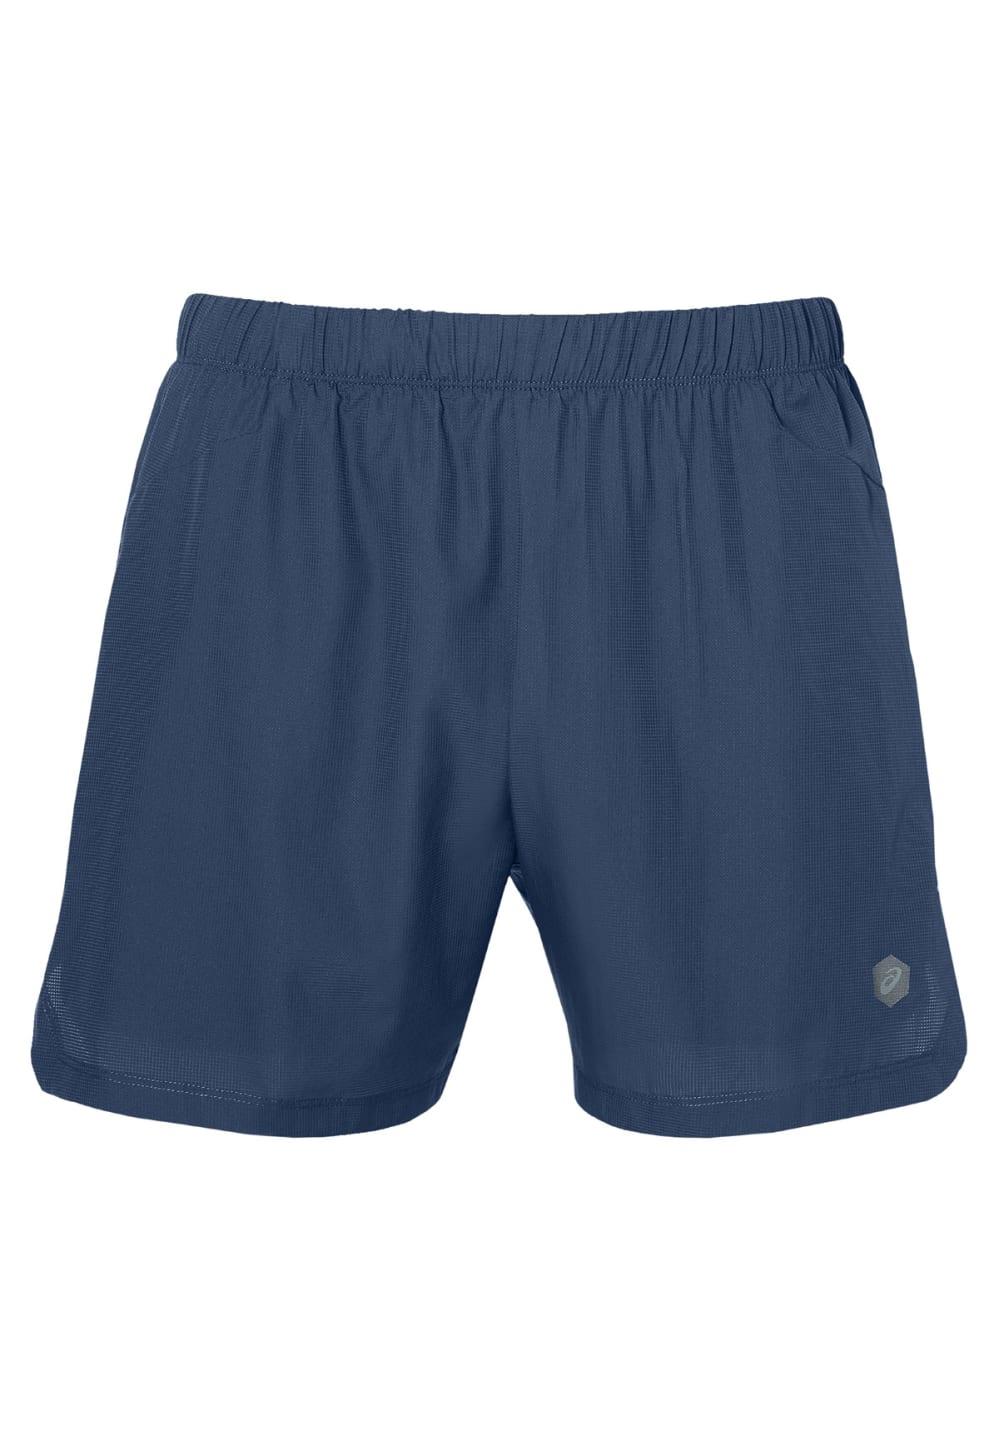 ASICS Cool 2-N-1 5In Short - Laufhosen für Herren - Blau, Gr. XL